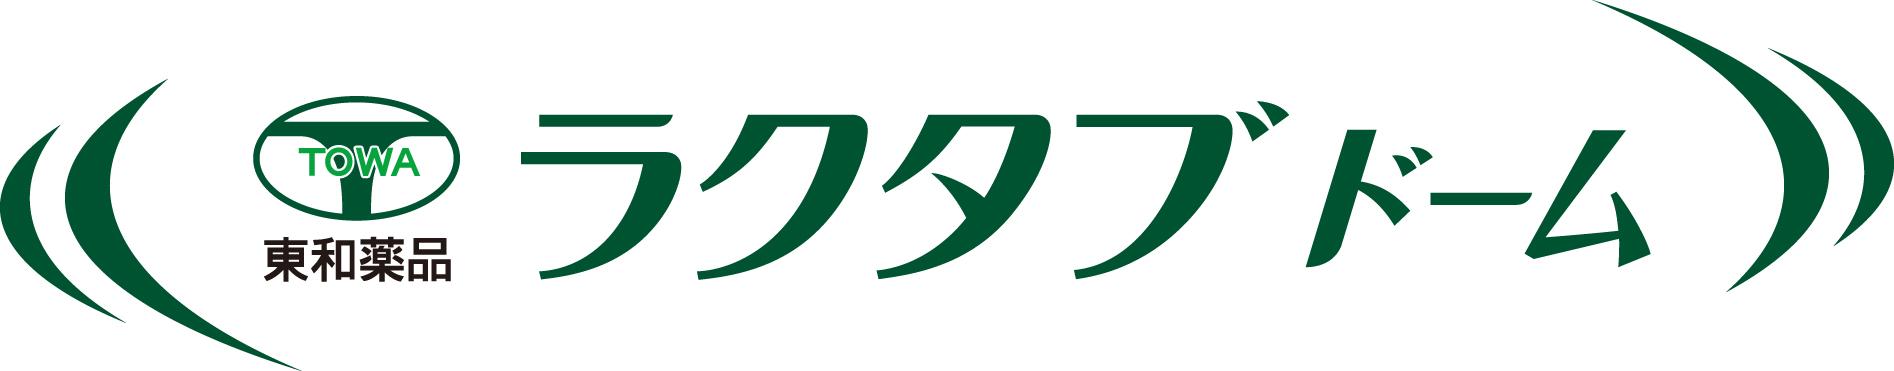 東和薬品RACTABドーム(大阪府立門真スポーツセンター)の概要